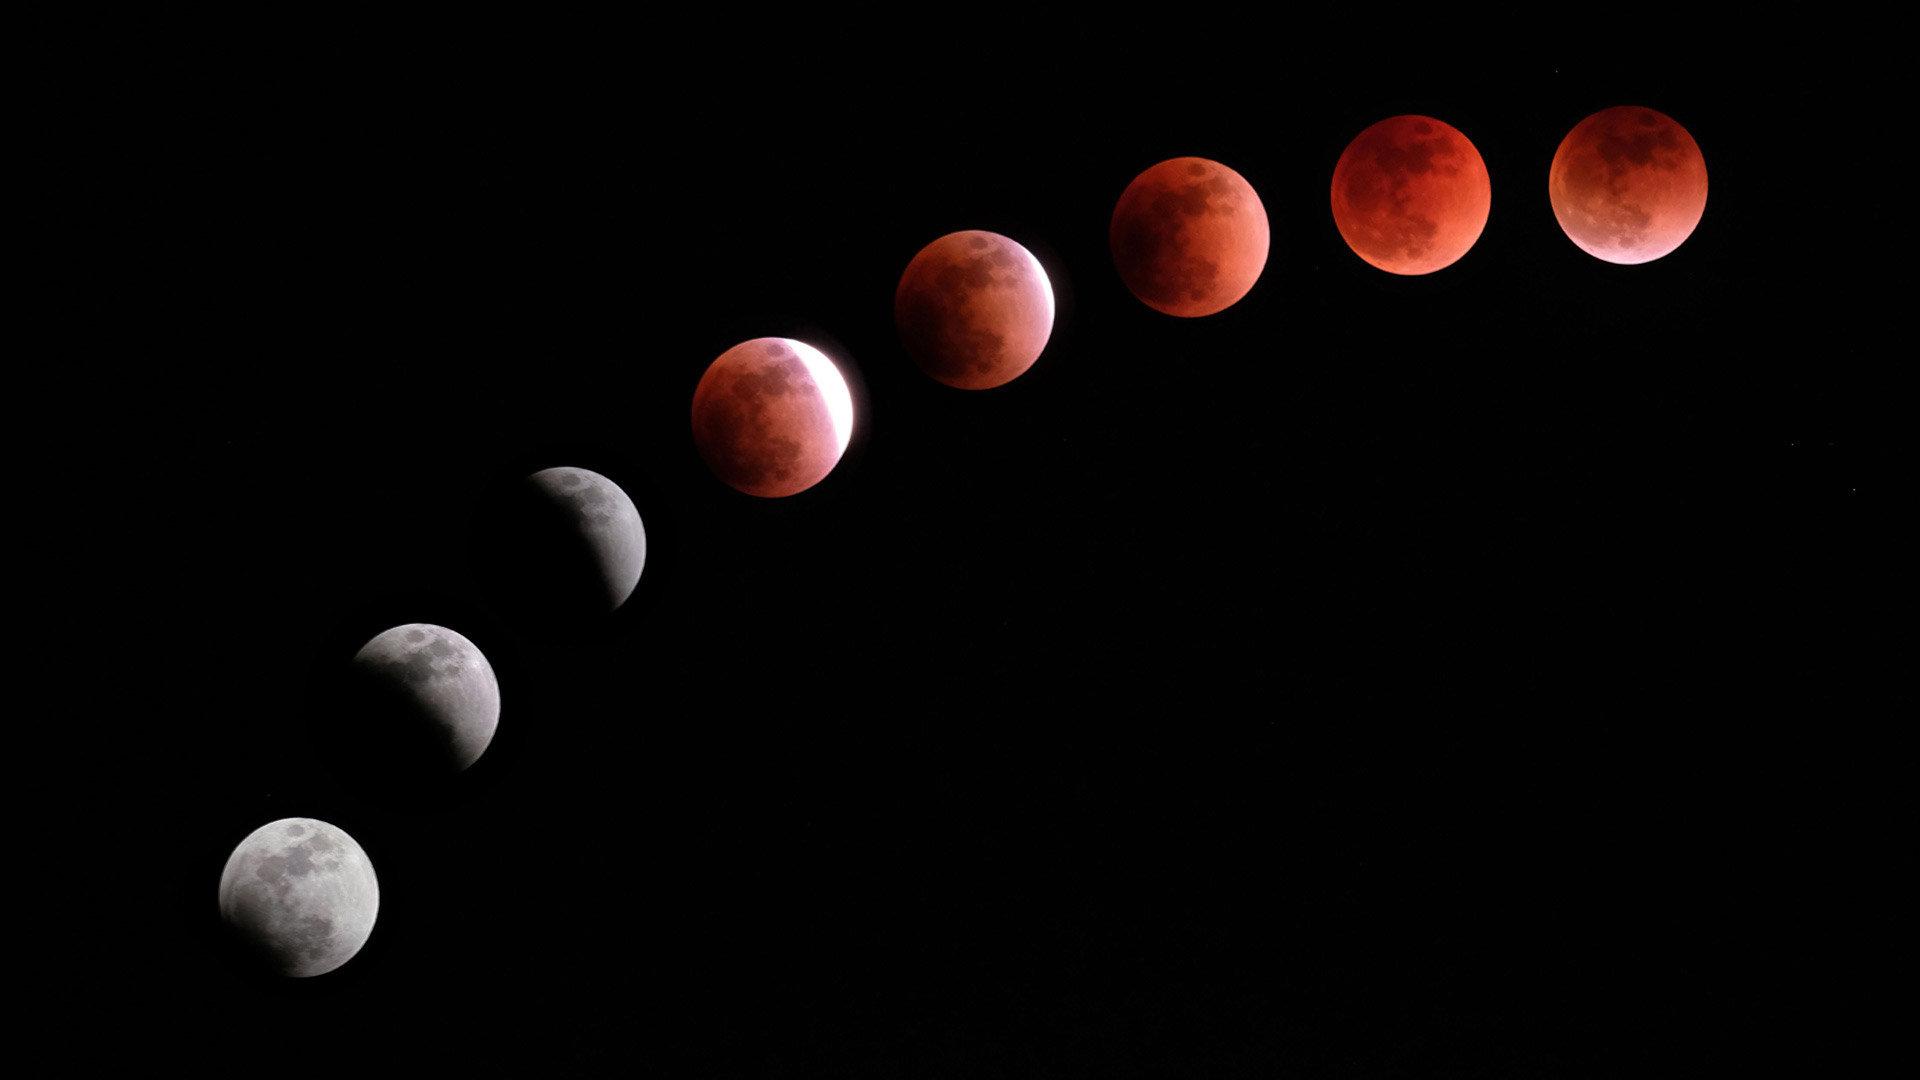 月上柳梢头,人约黄昏后